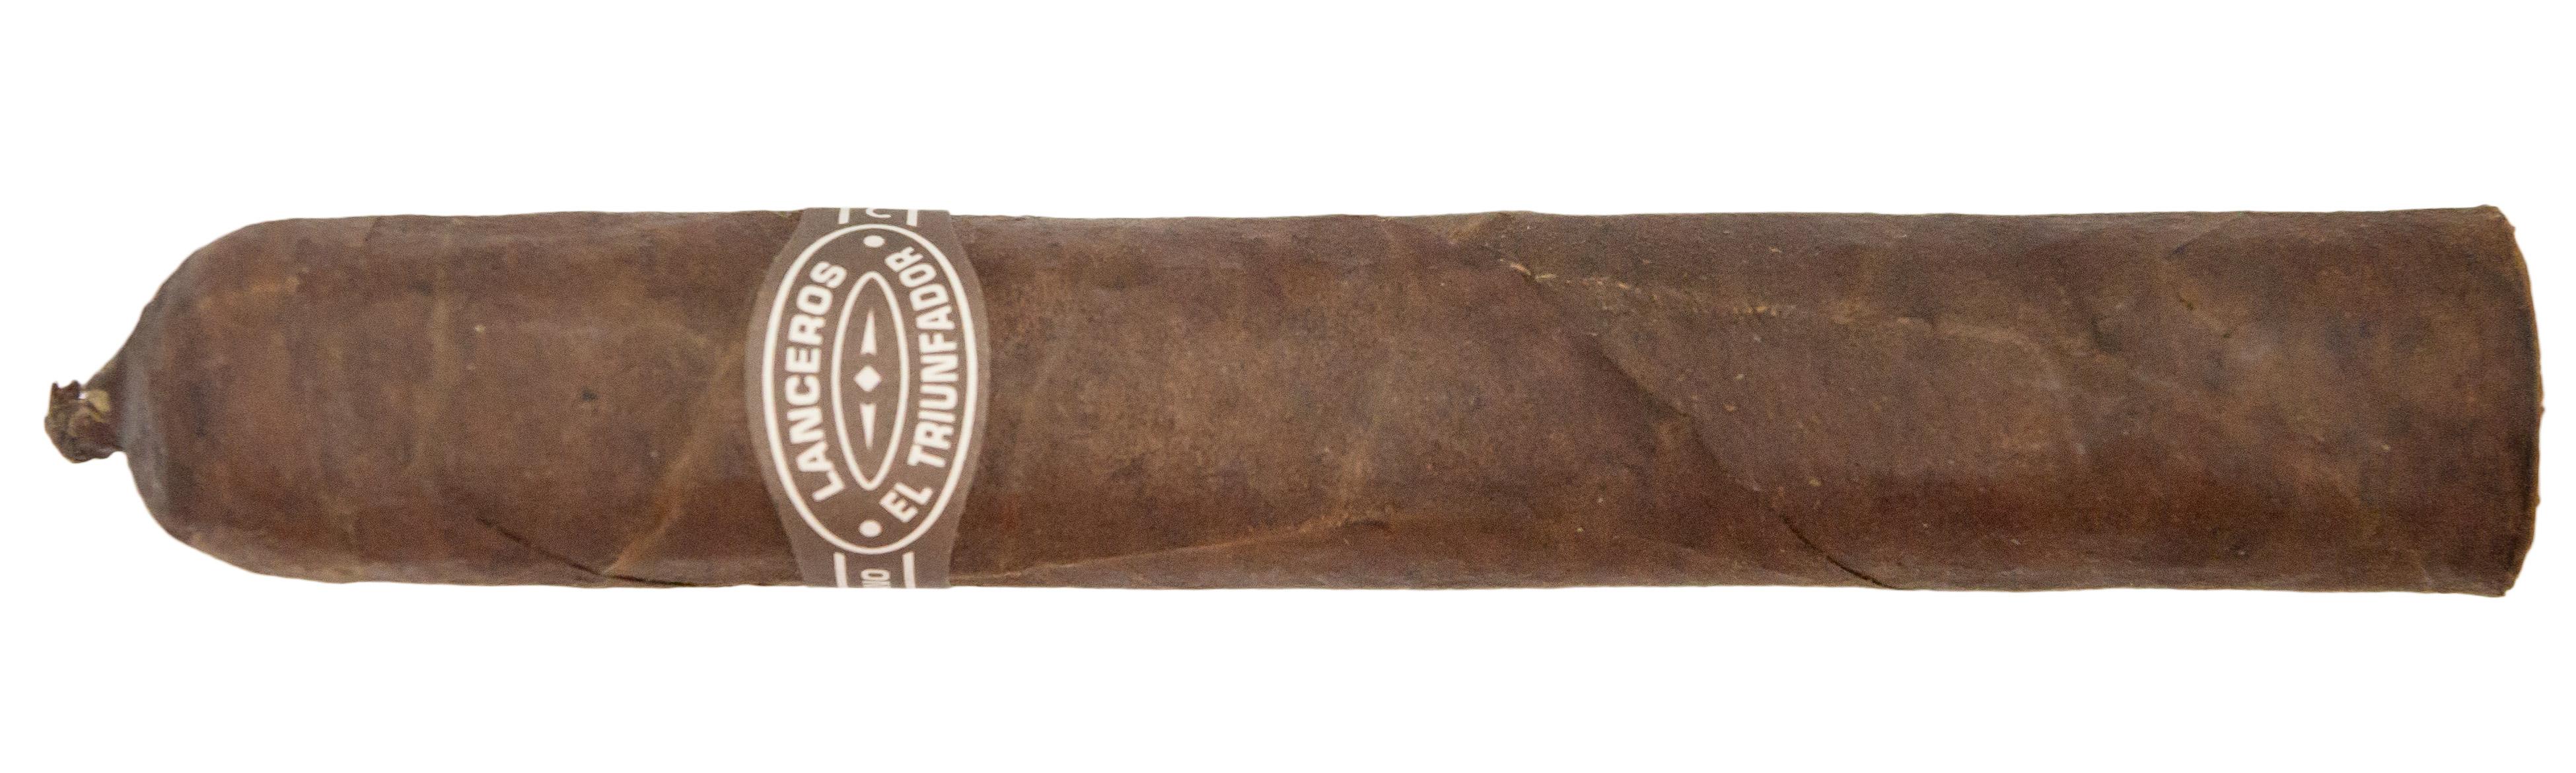 Blind Cigar Review: Tatuaje | El Triunfador Original Robusto